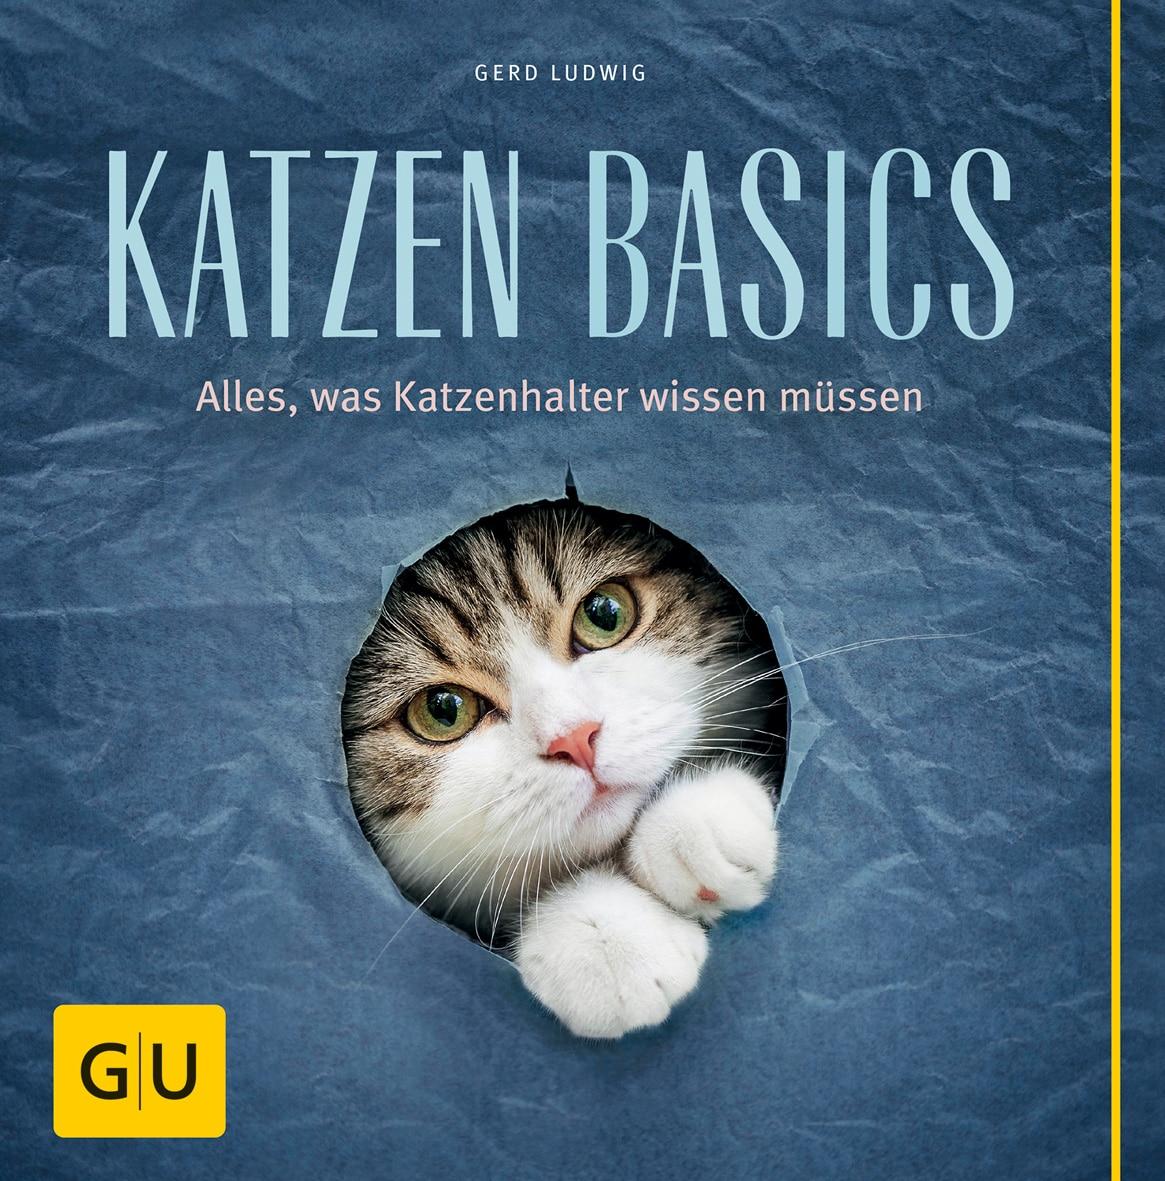 GU - Katzen-Basics [Gerd Ludwig]